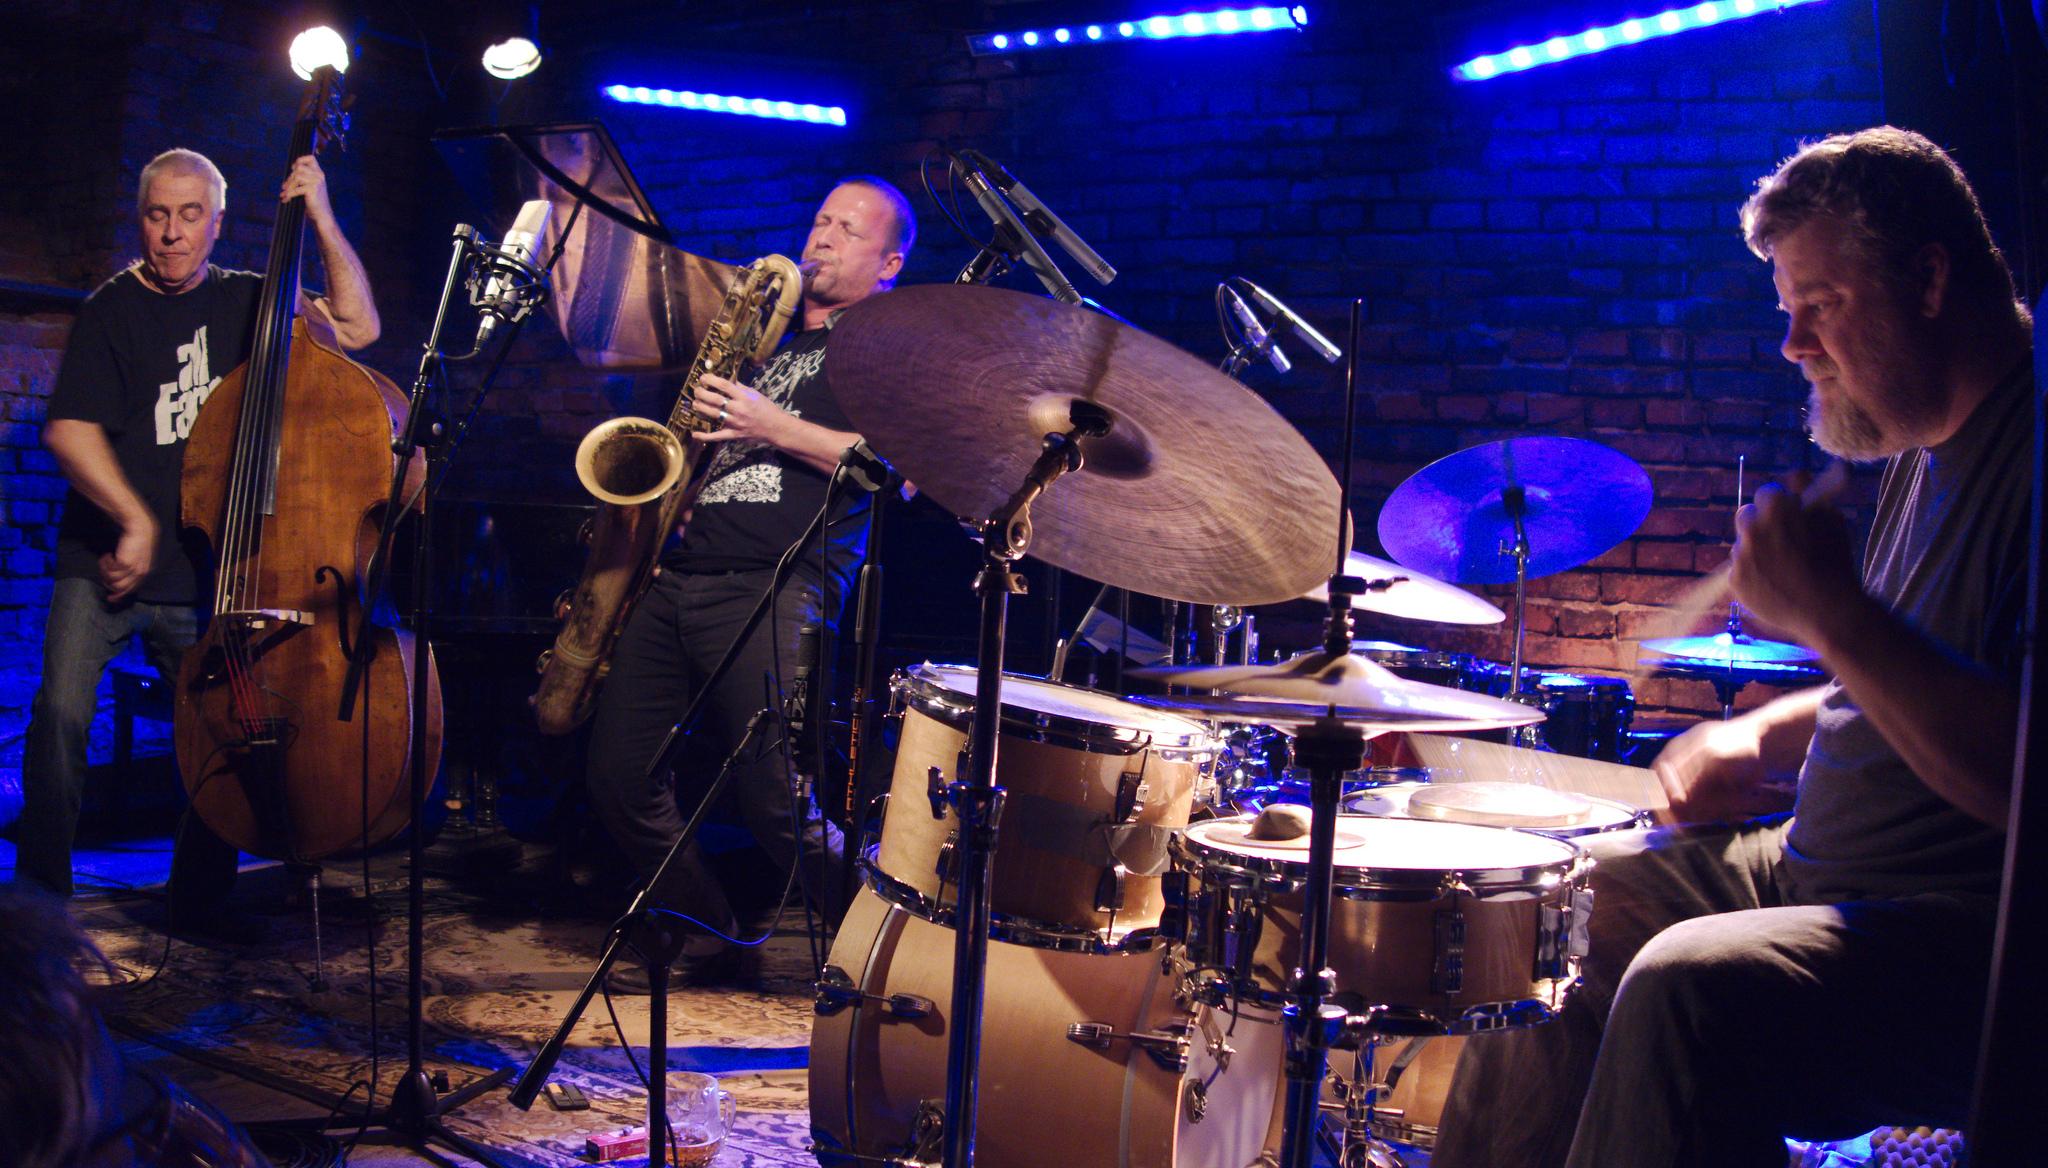 Tarfala Trio at Alchemia, Krakow in November 2012